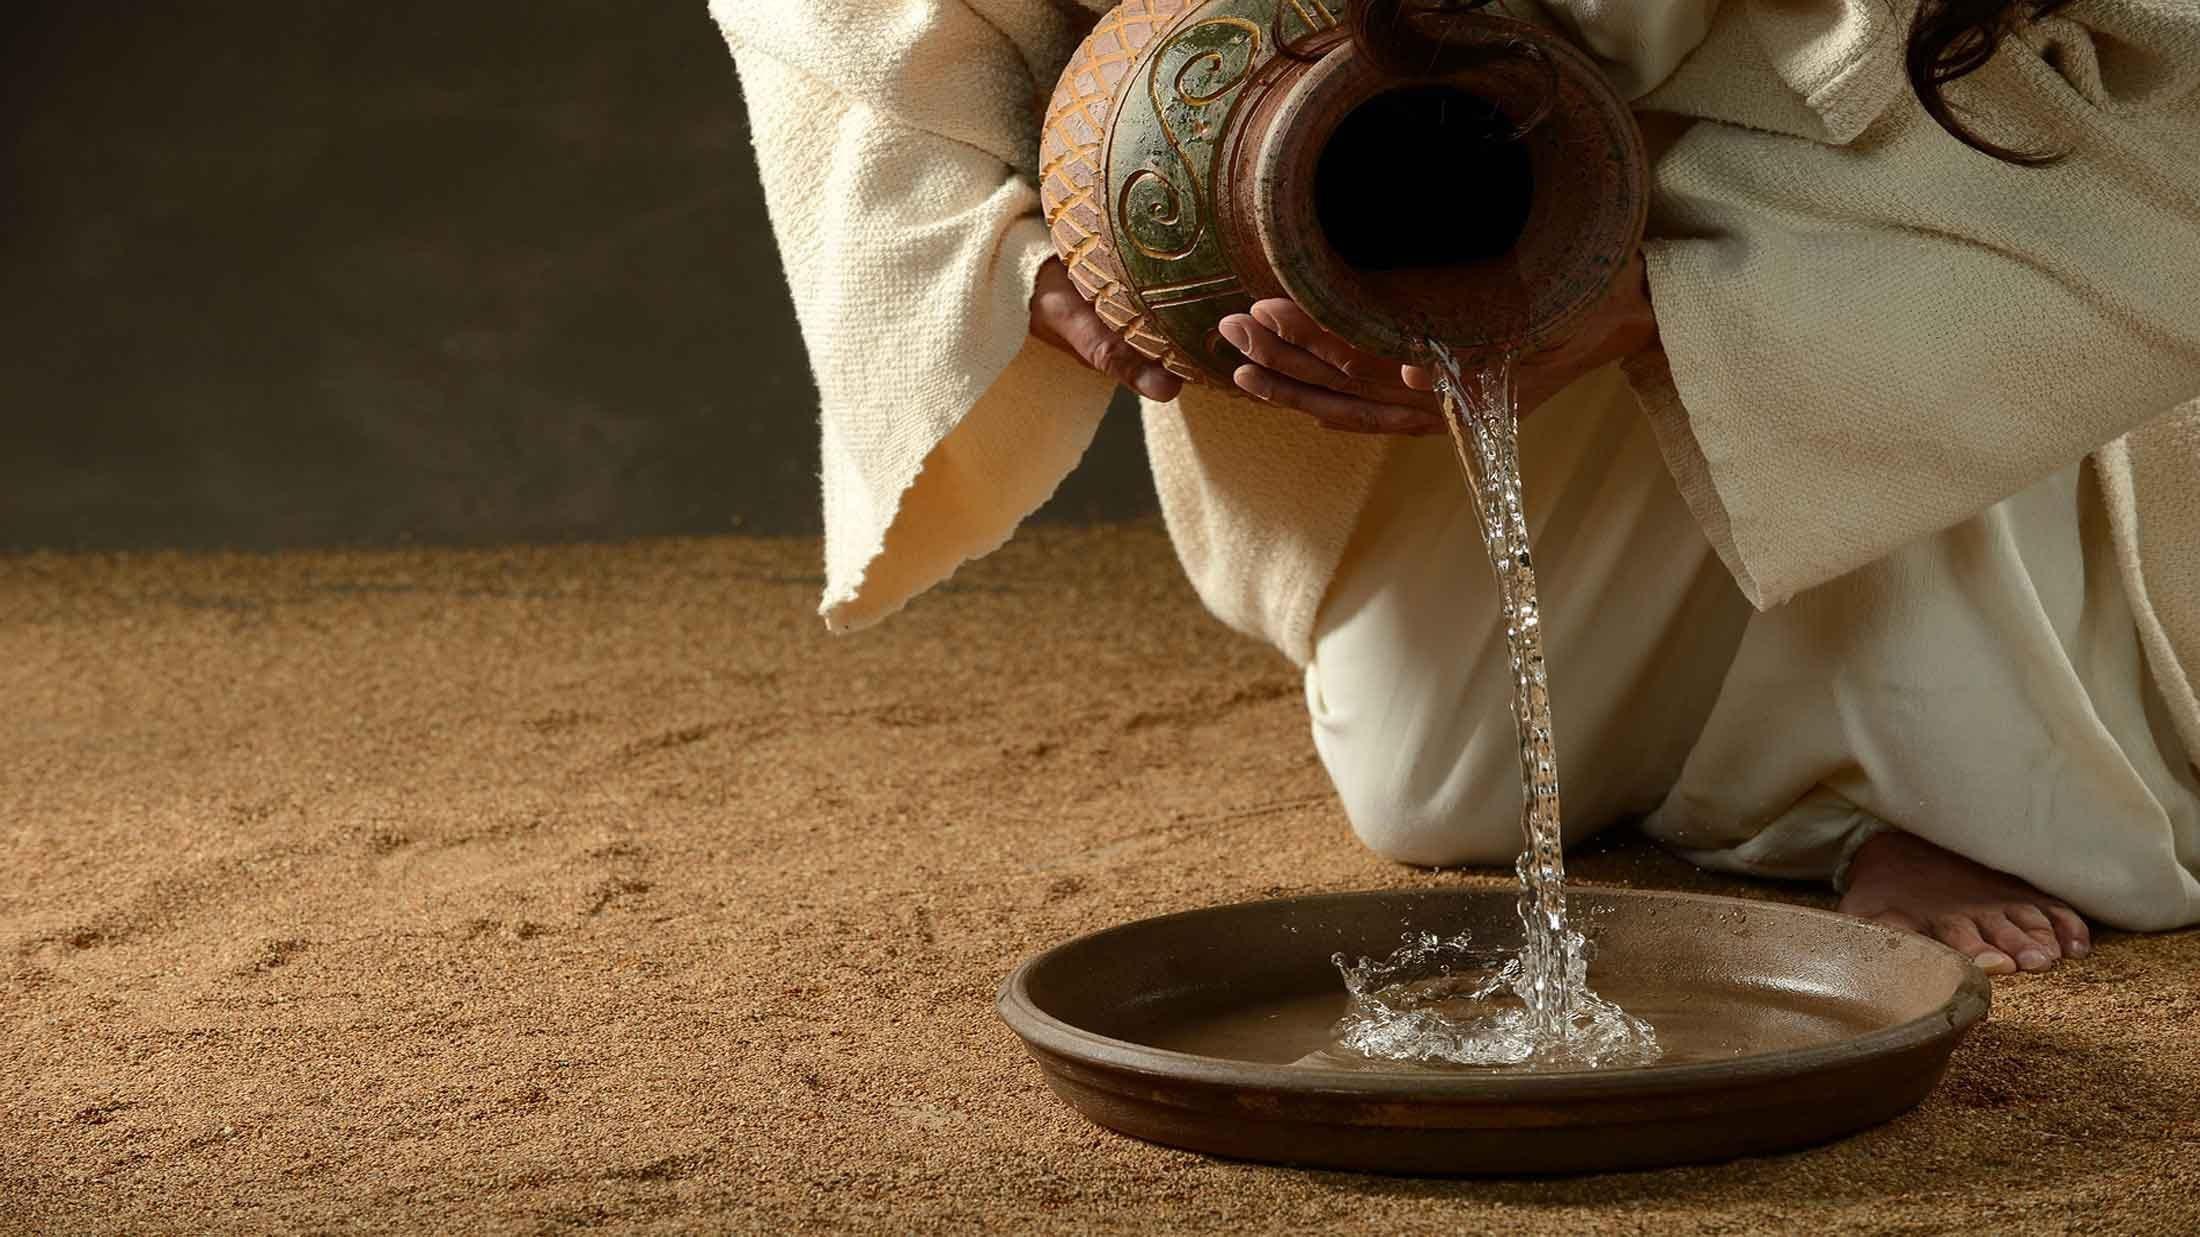 меня картинки ритуала очищения воды многочисленные виды диких